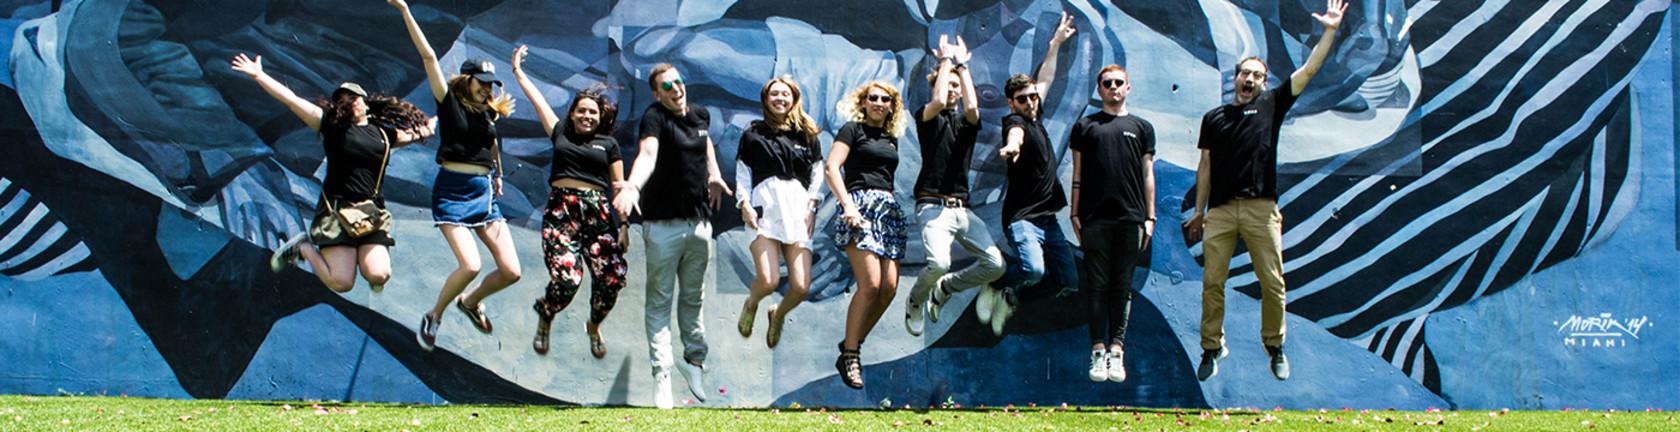 Prise de RDV personnalisé - MBA Advertising & Creativity EFAP Paris